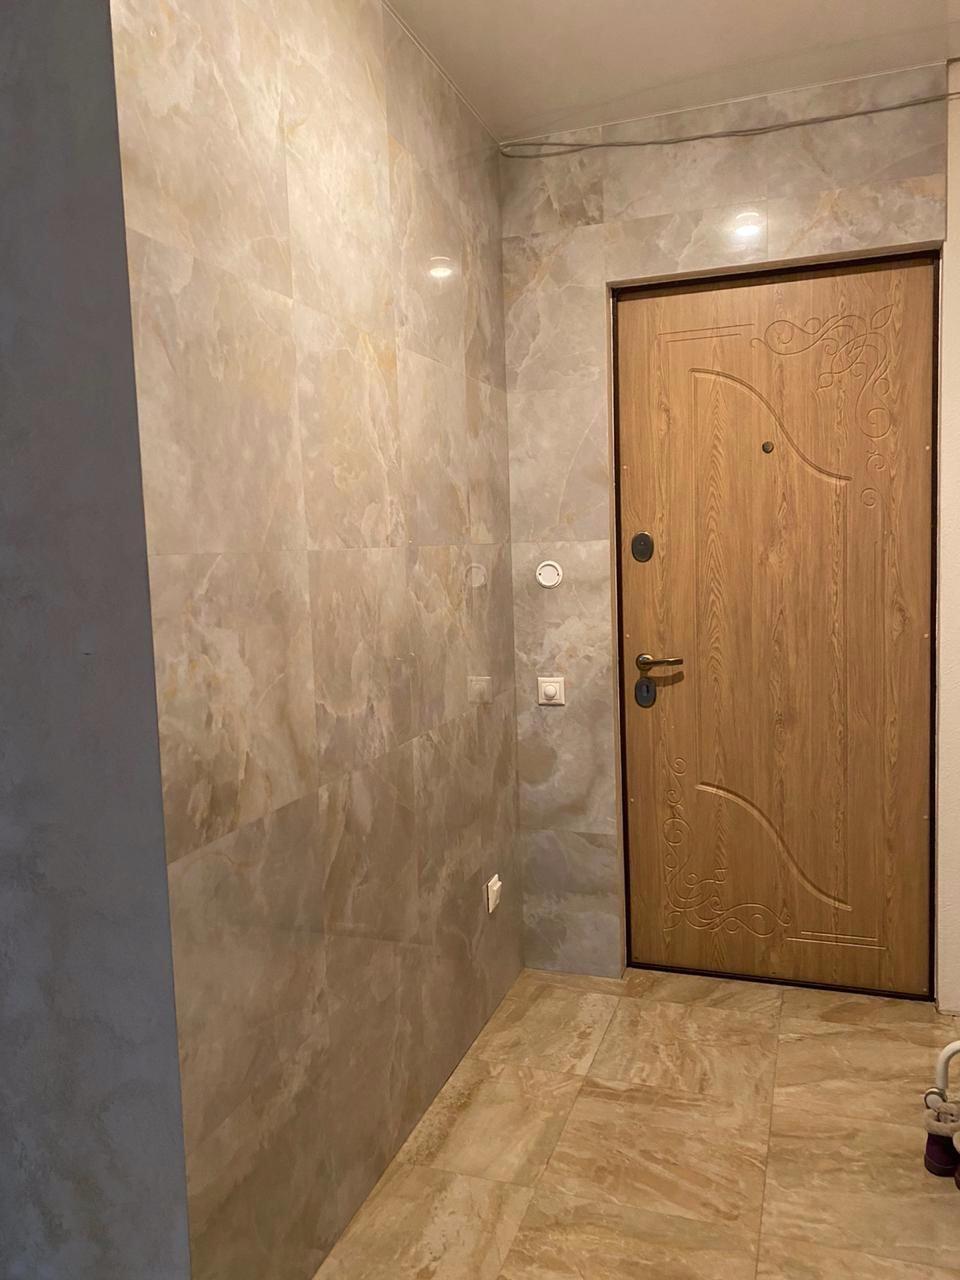 Квартира, 2 комнаты, 58 м² в Москве 89779120685 купить 1